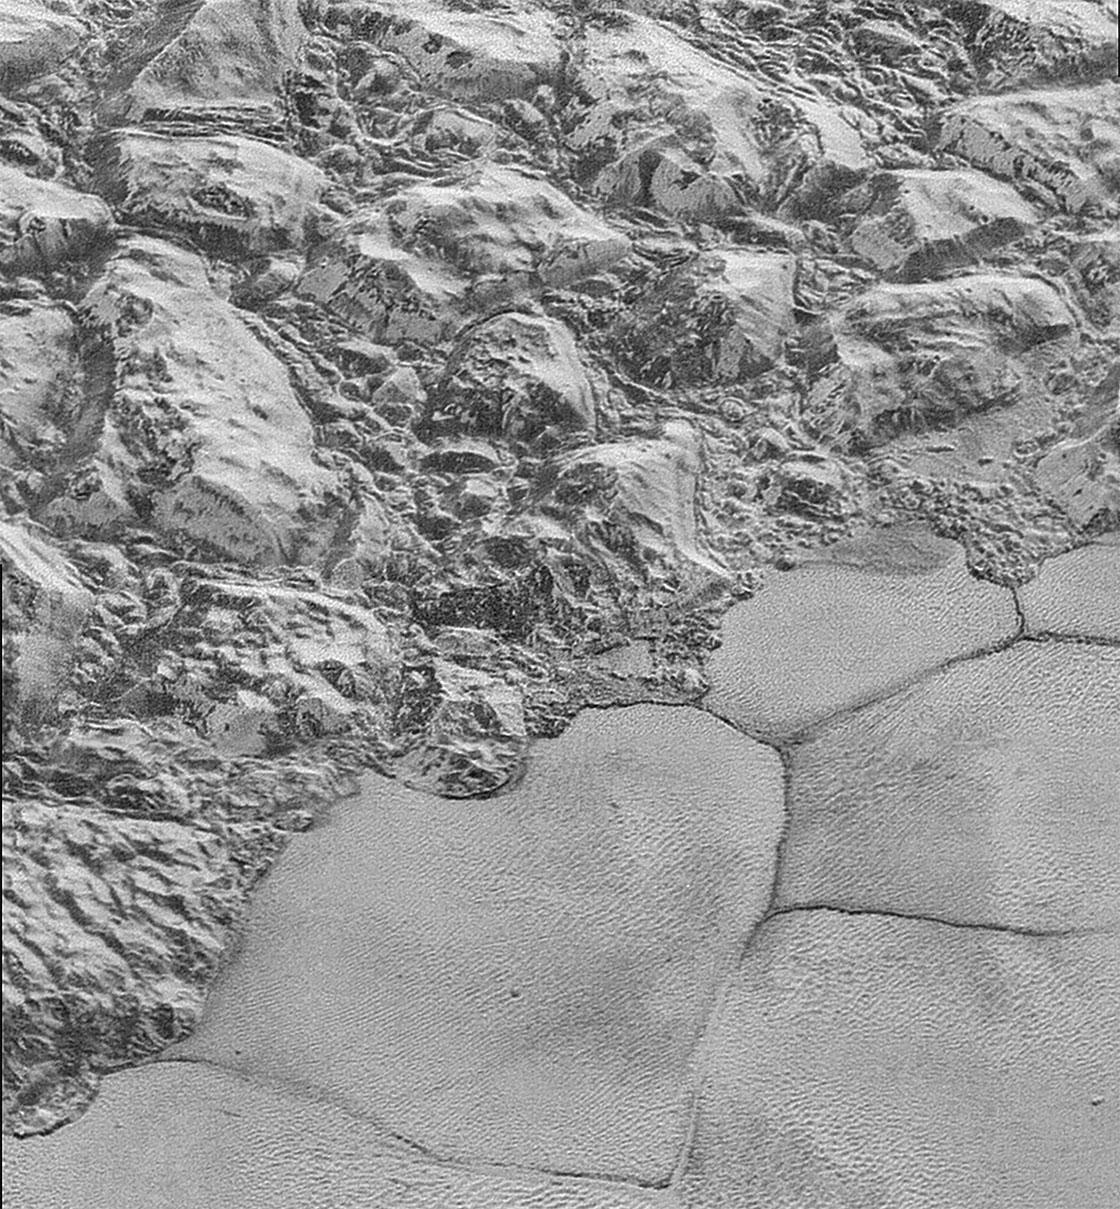 Sputnik Planum'un kıyısında yer alan buzul dağların iç içe geçmiş görüntüsü, buzul akıntılarla zamanla bir araya toplandıkları düşüncesini güçlendiriyor. [NASA/JHUAPL/SwRI]